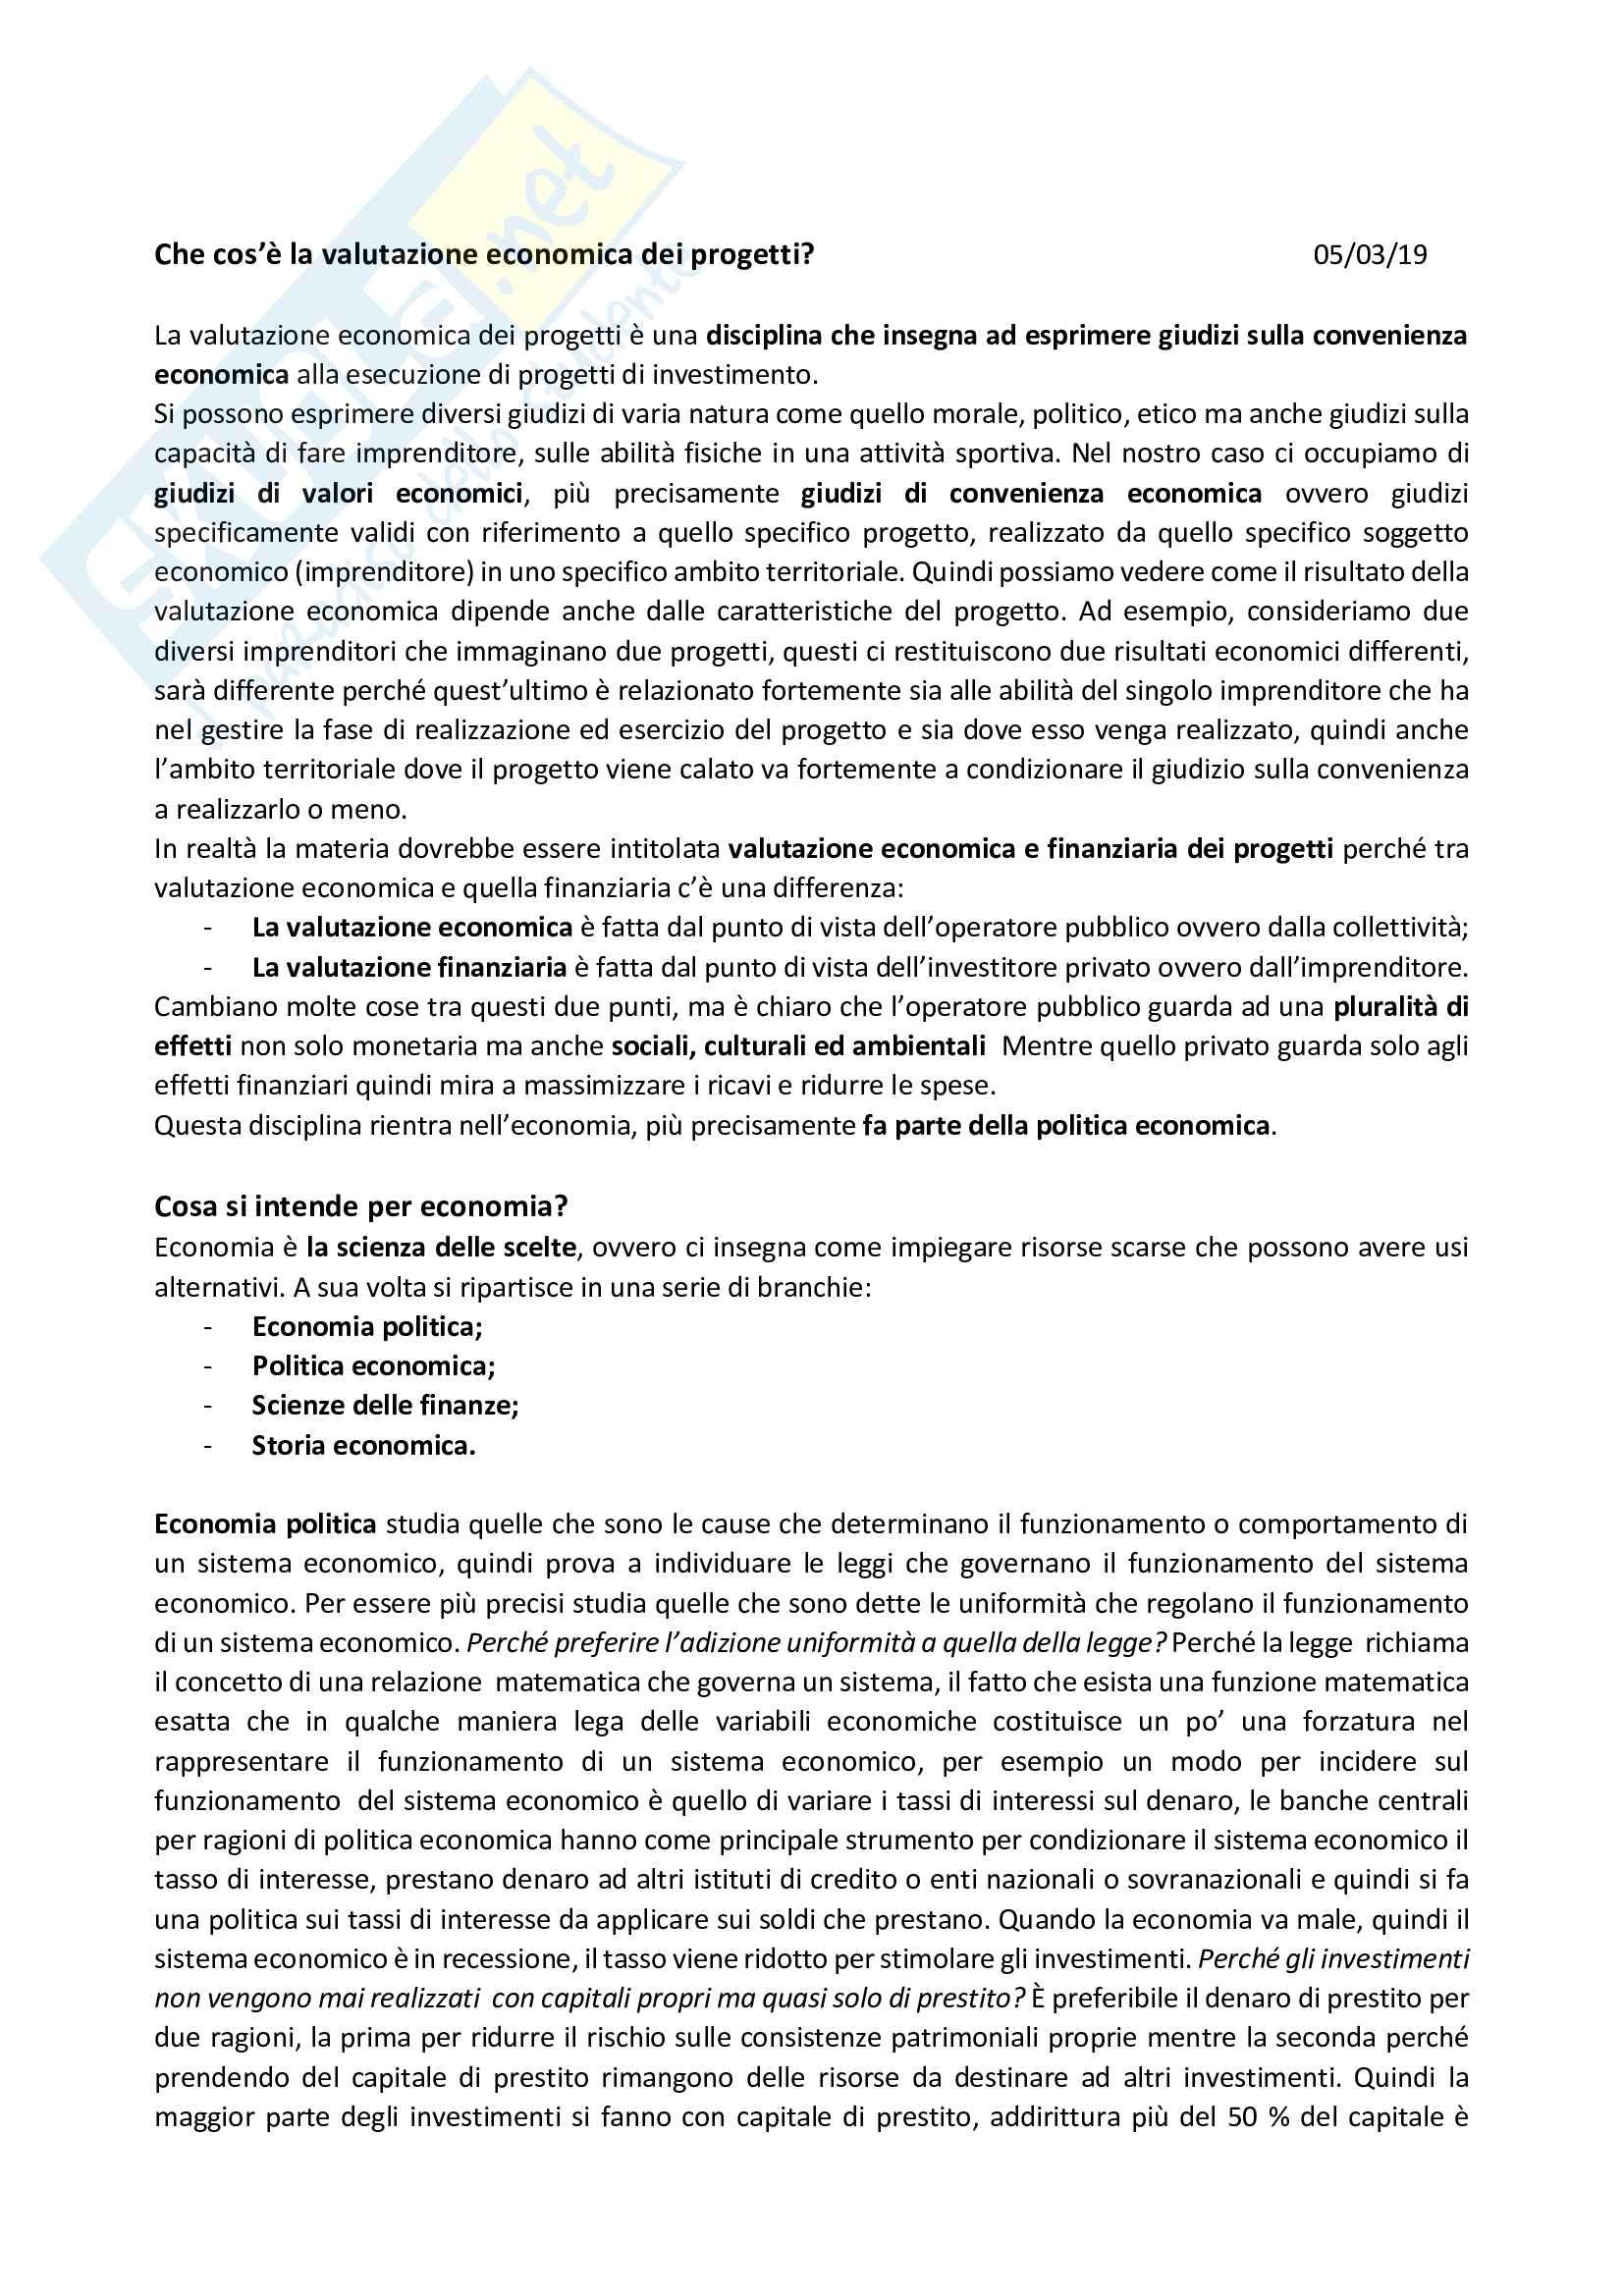 Appunti valutazione economica dei progetti